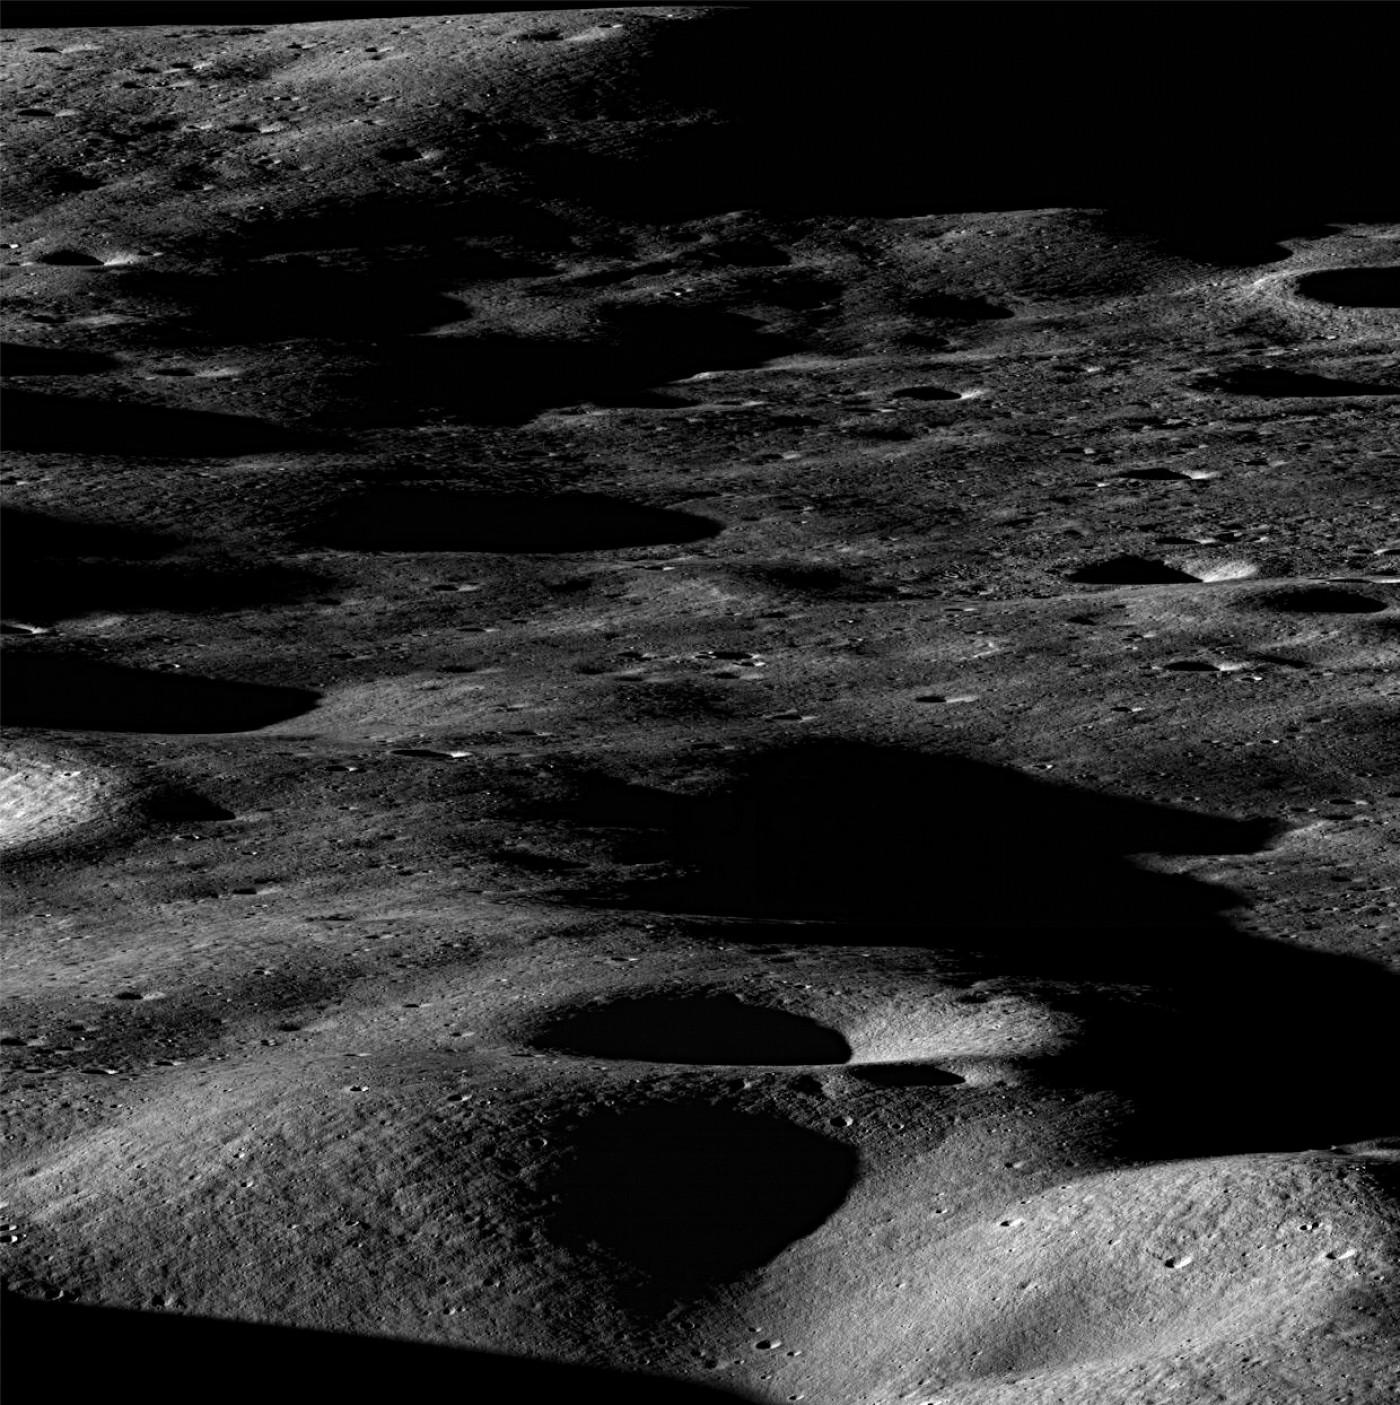 Immagine Nasa/JPL, 17 novembre 2009